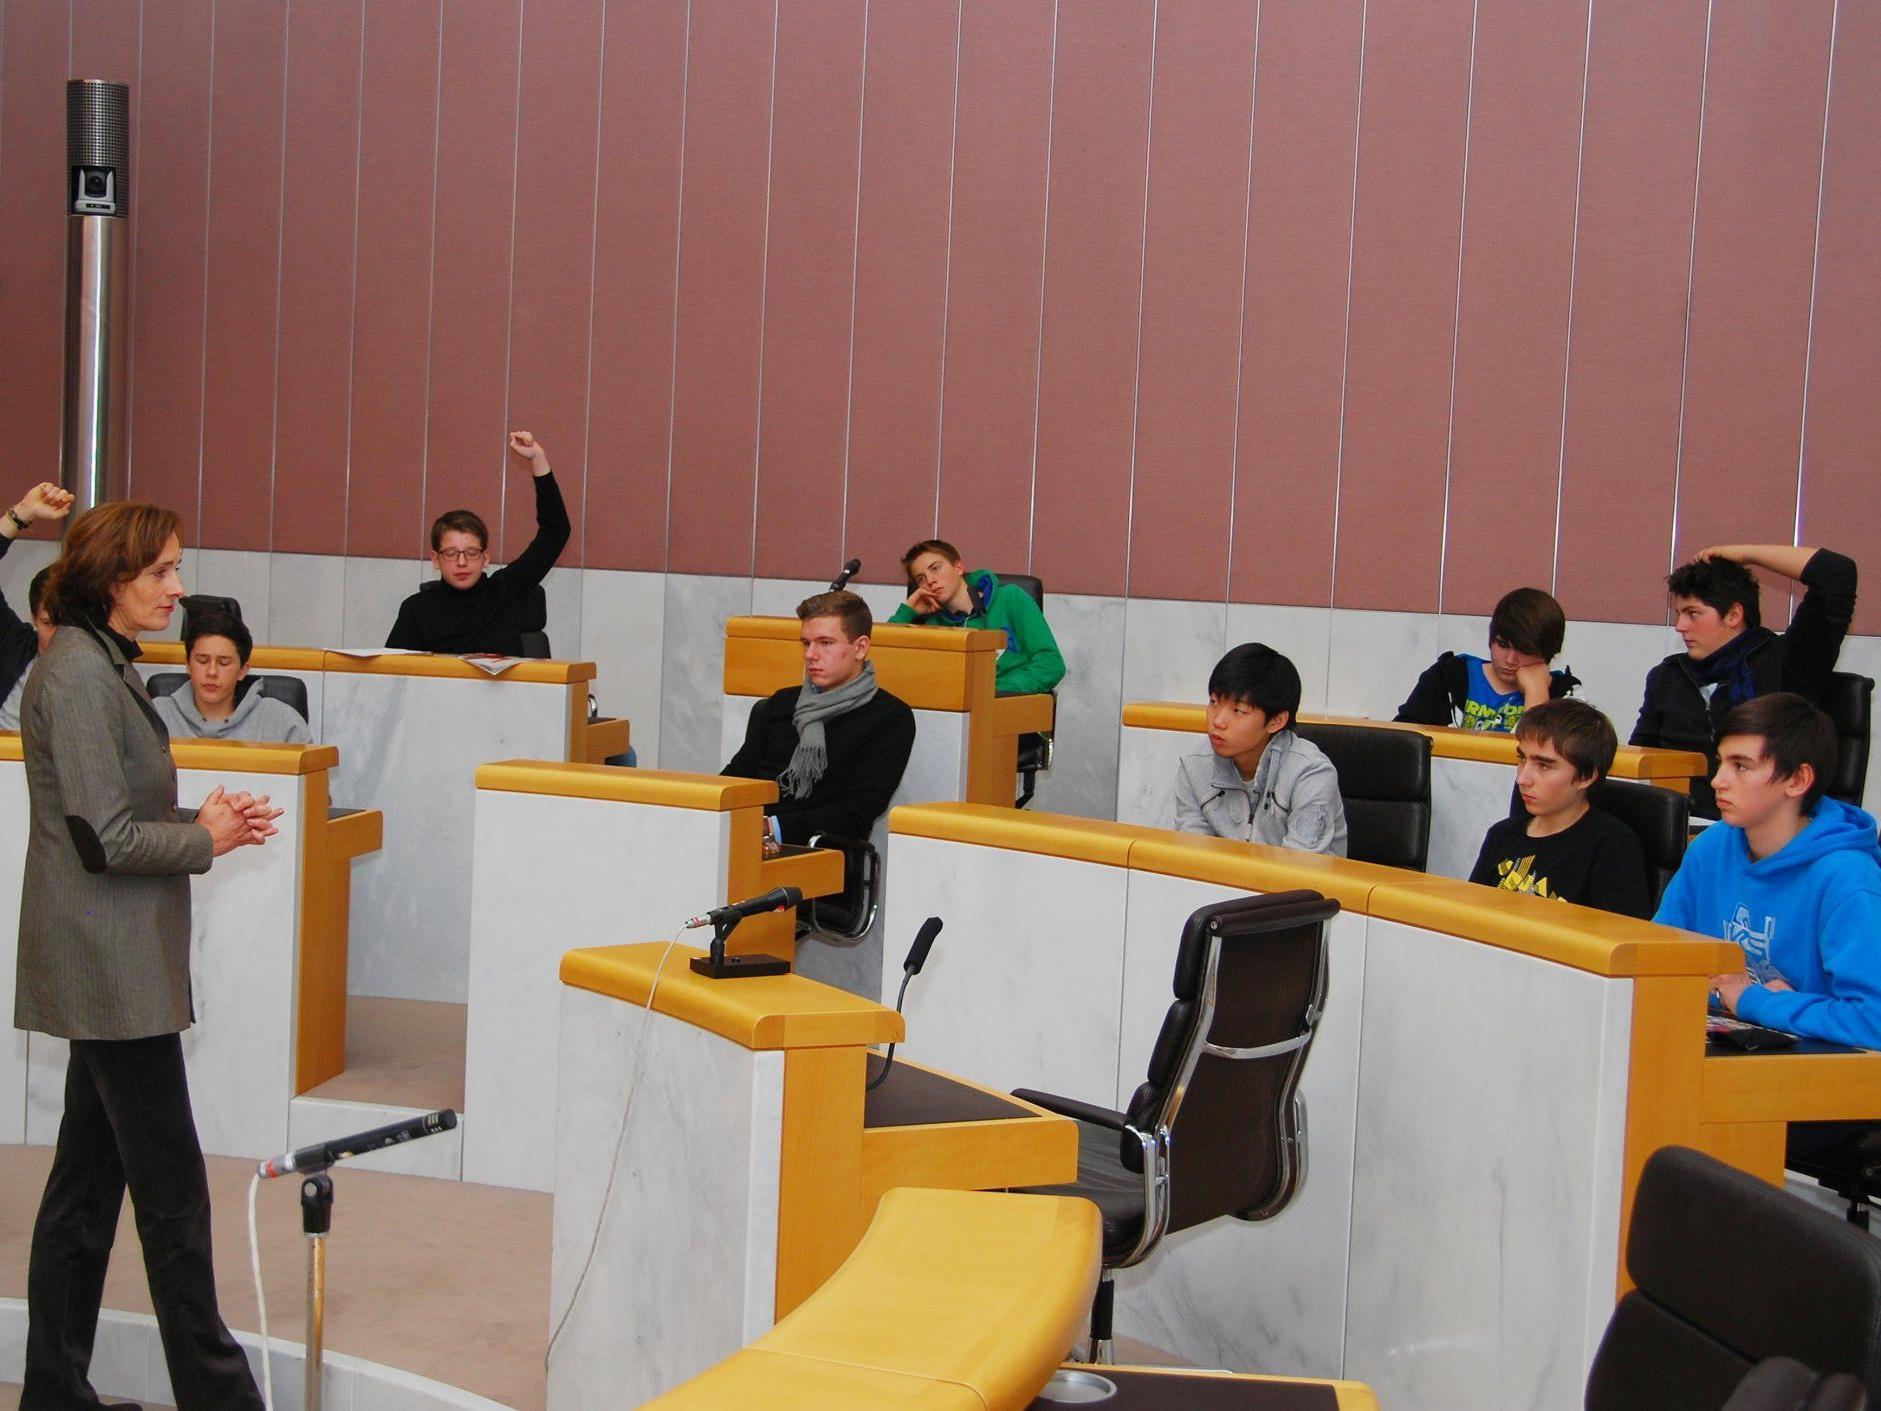 LTP Bernadette Mennel sah sich gut informierten Schülern gegenüber.